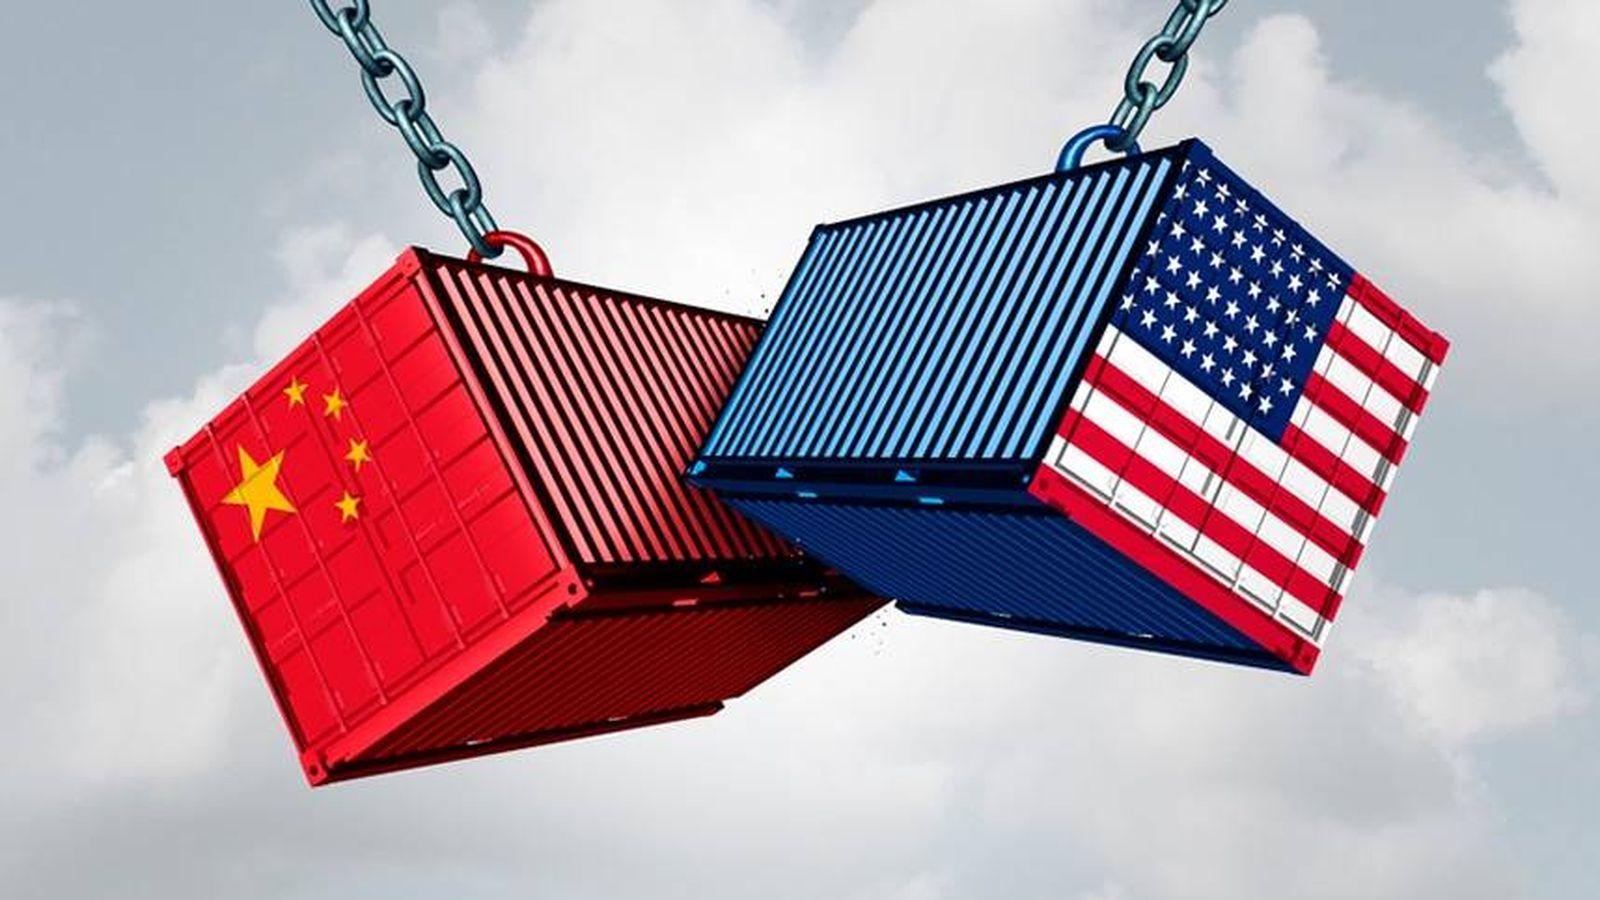 Economía: El comercio y la tecnología desatan una guerra fría ...